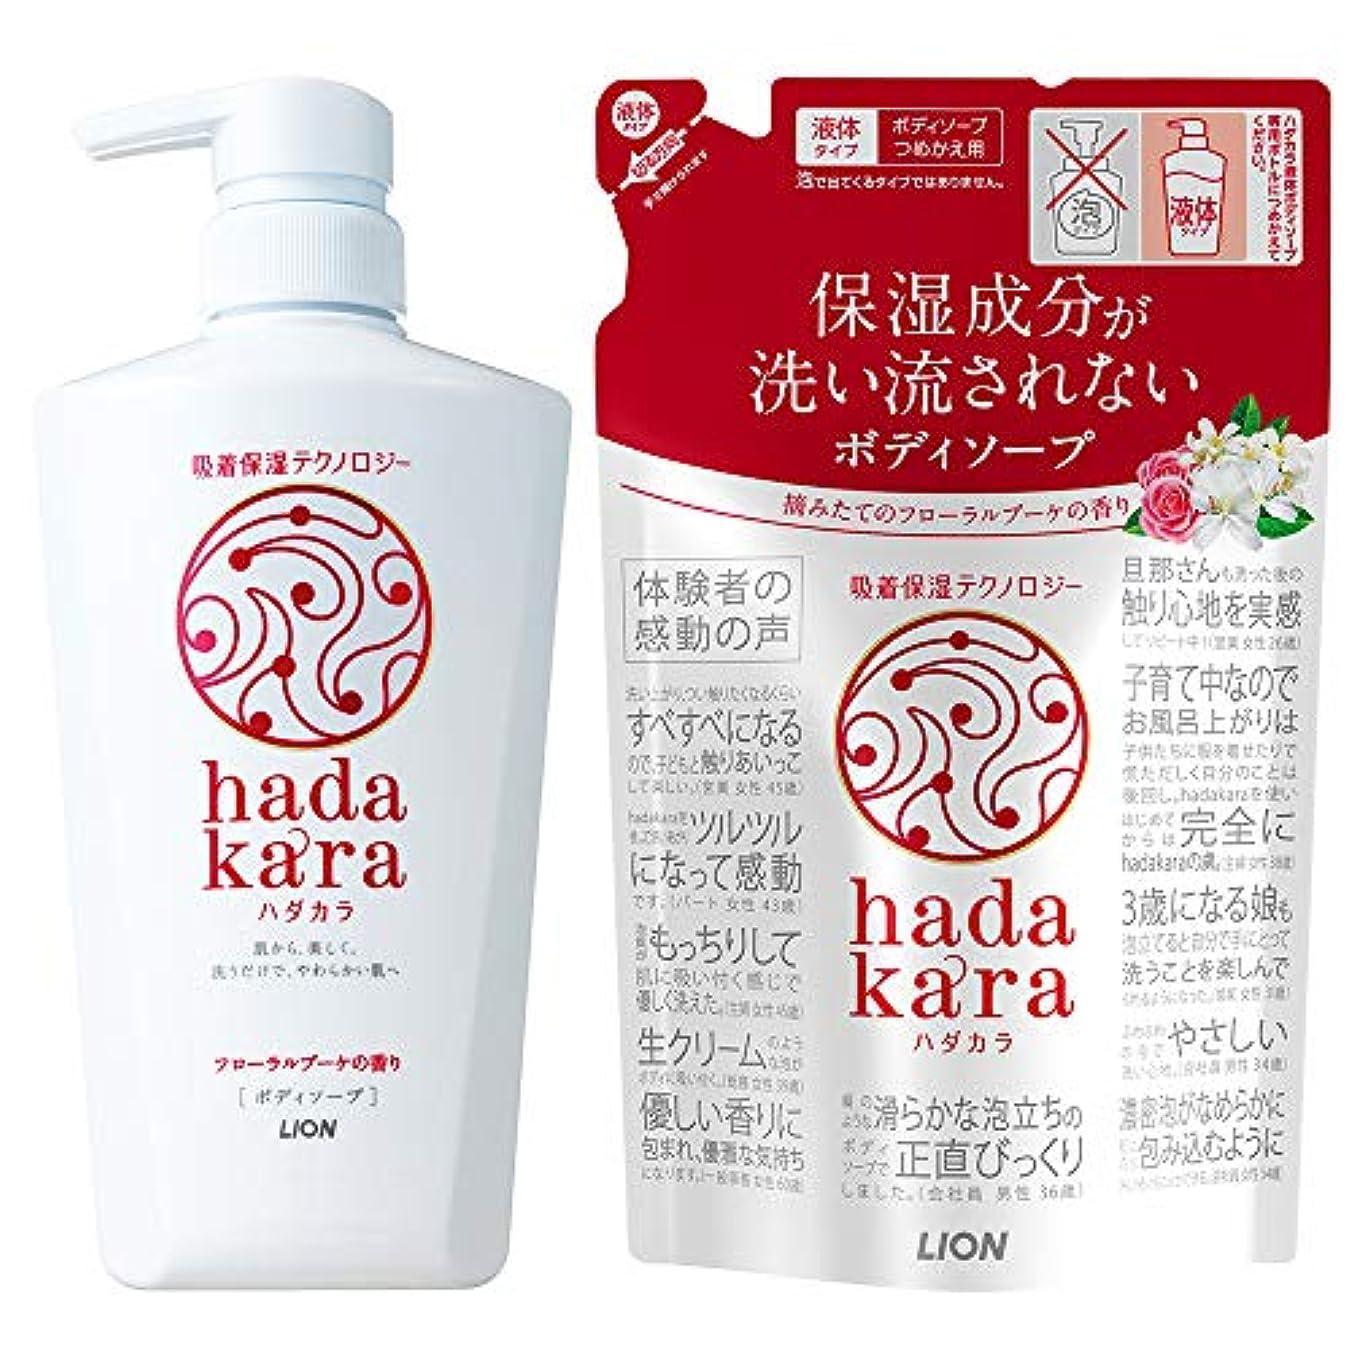 休暇固体インカ帝国hadakara(ハダカラ) ボディソープ フレッシュフローラルの香り 本体500ml+つめかえ360ml セット +